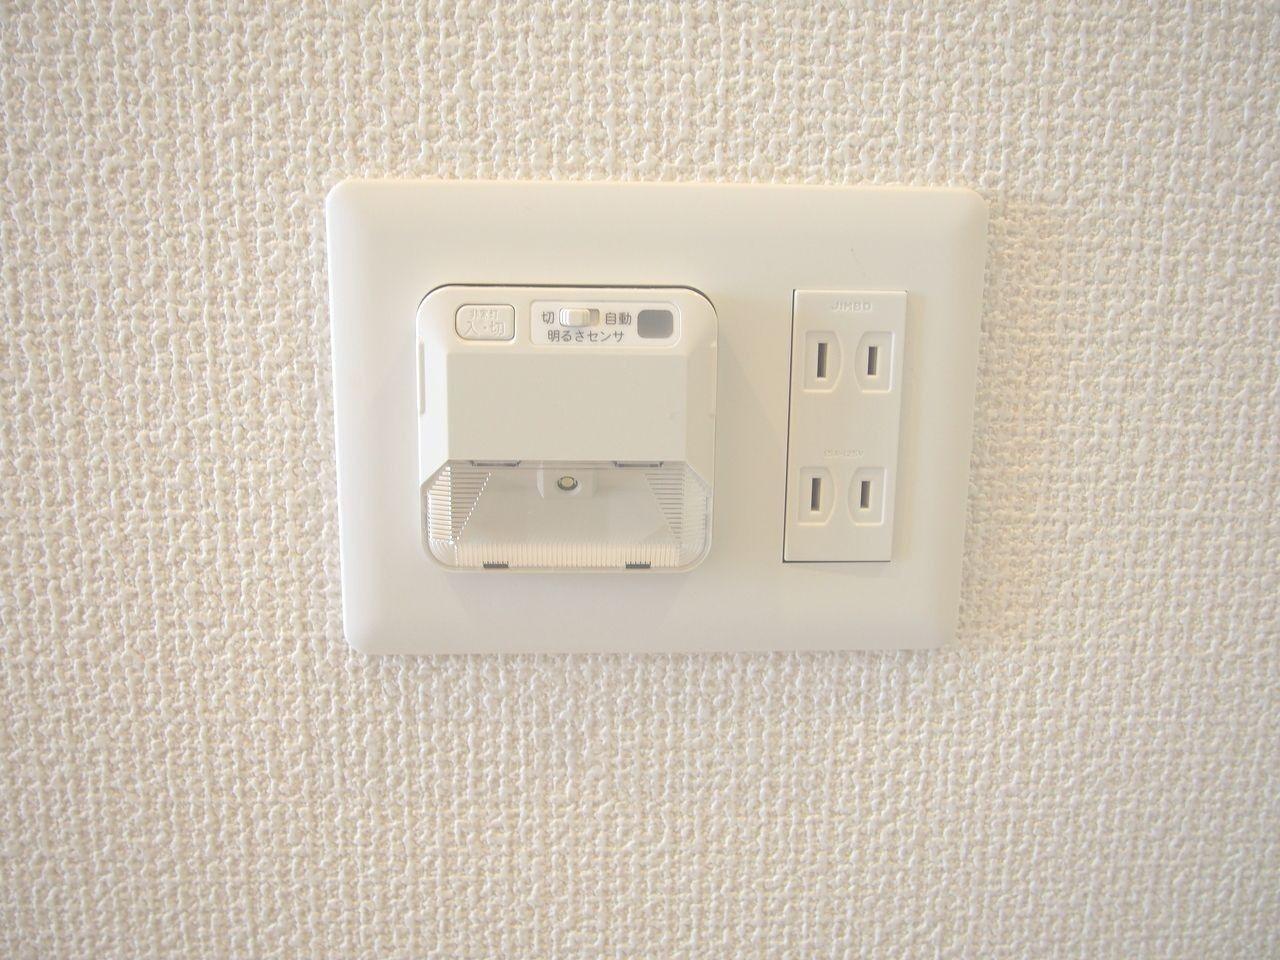 停電時に自動点灯し、廊下の足元を安全に照らします。取り外せば懐中電灯としても利用でき、万一の際に重宝します。